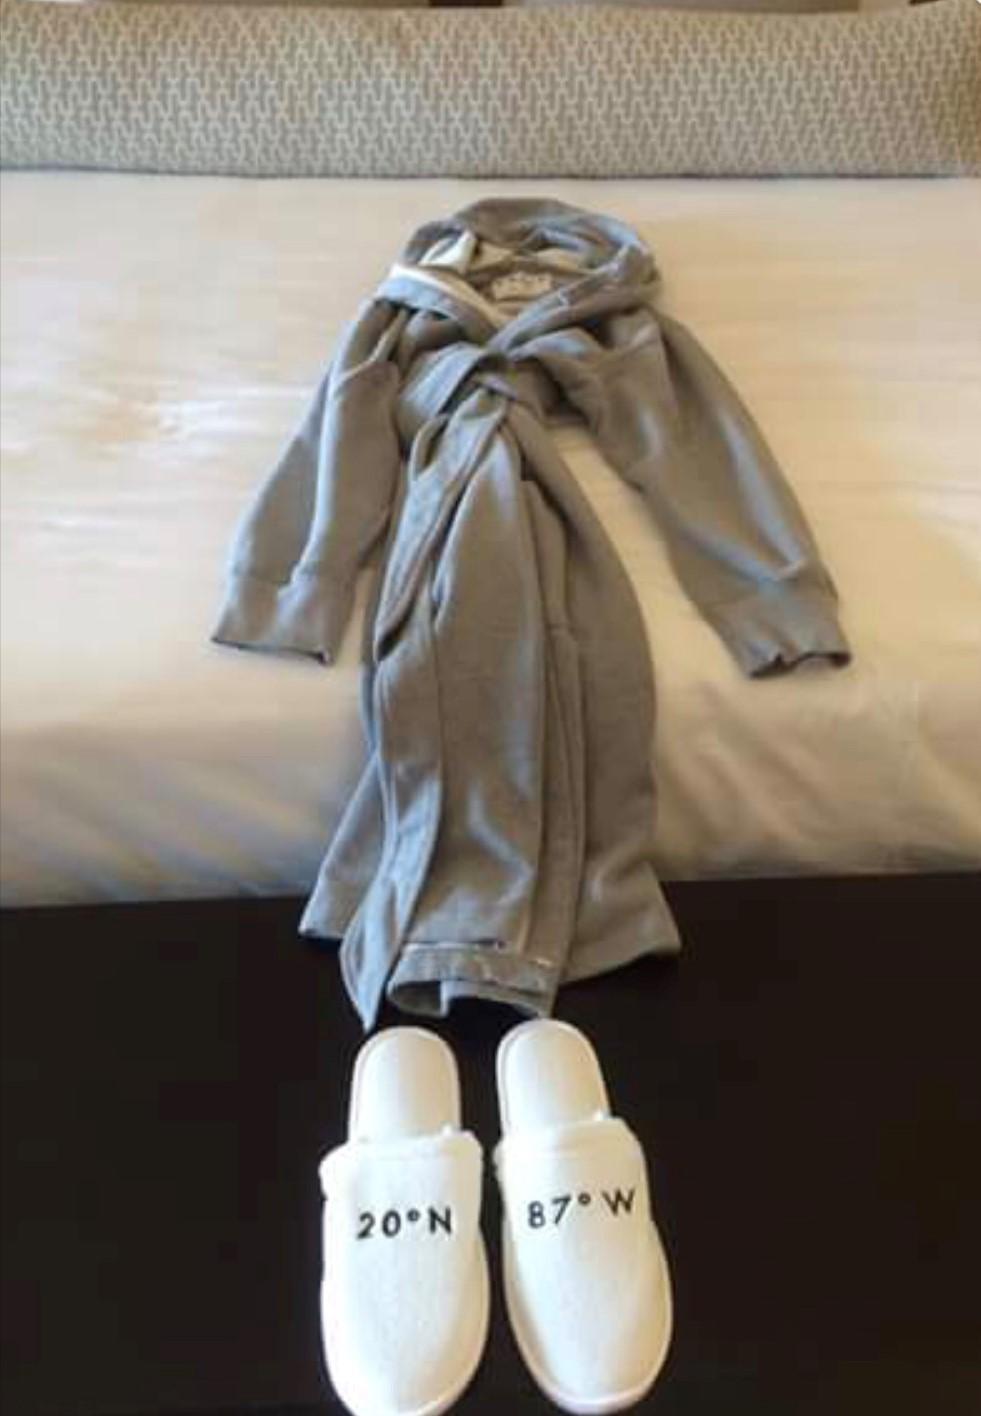 robe.jpg